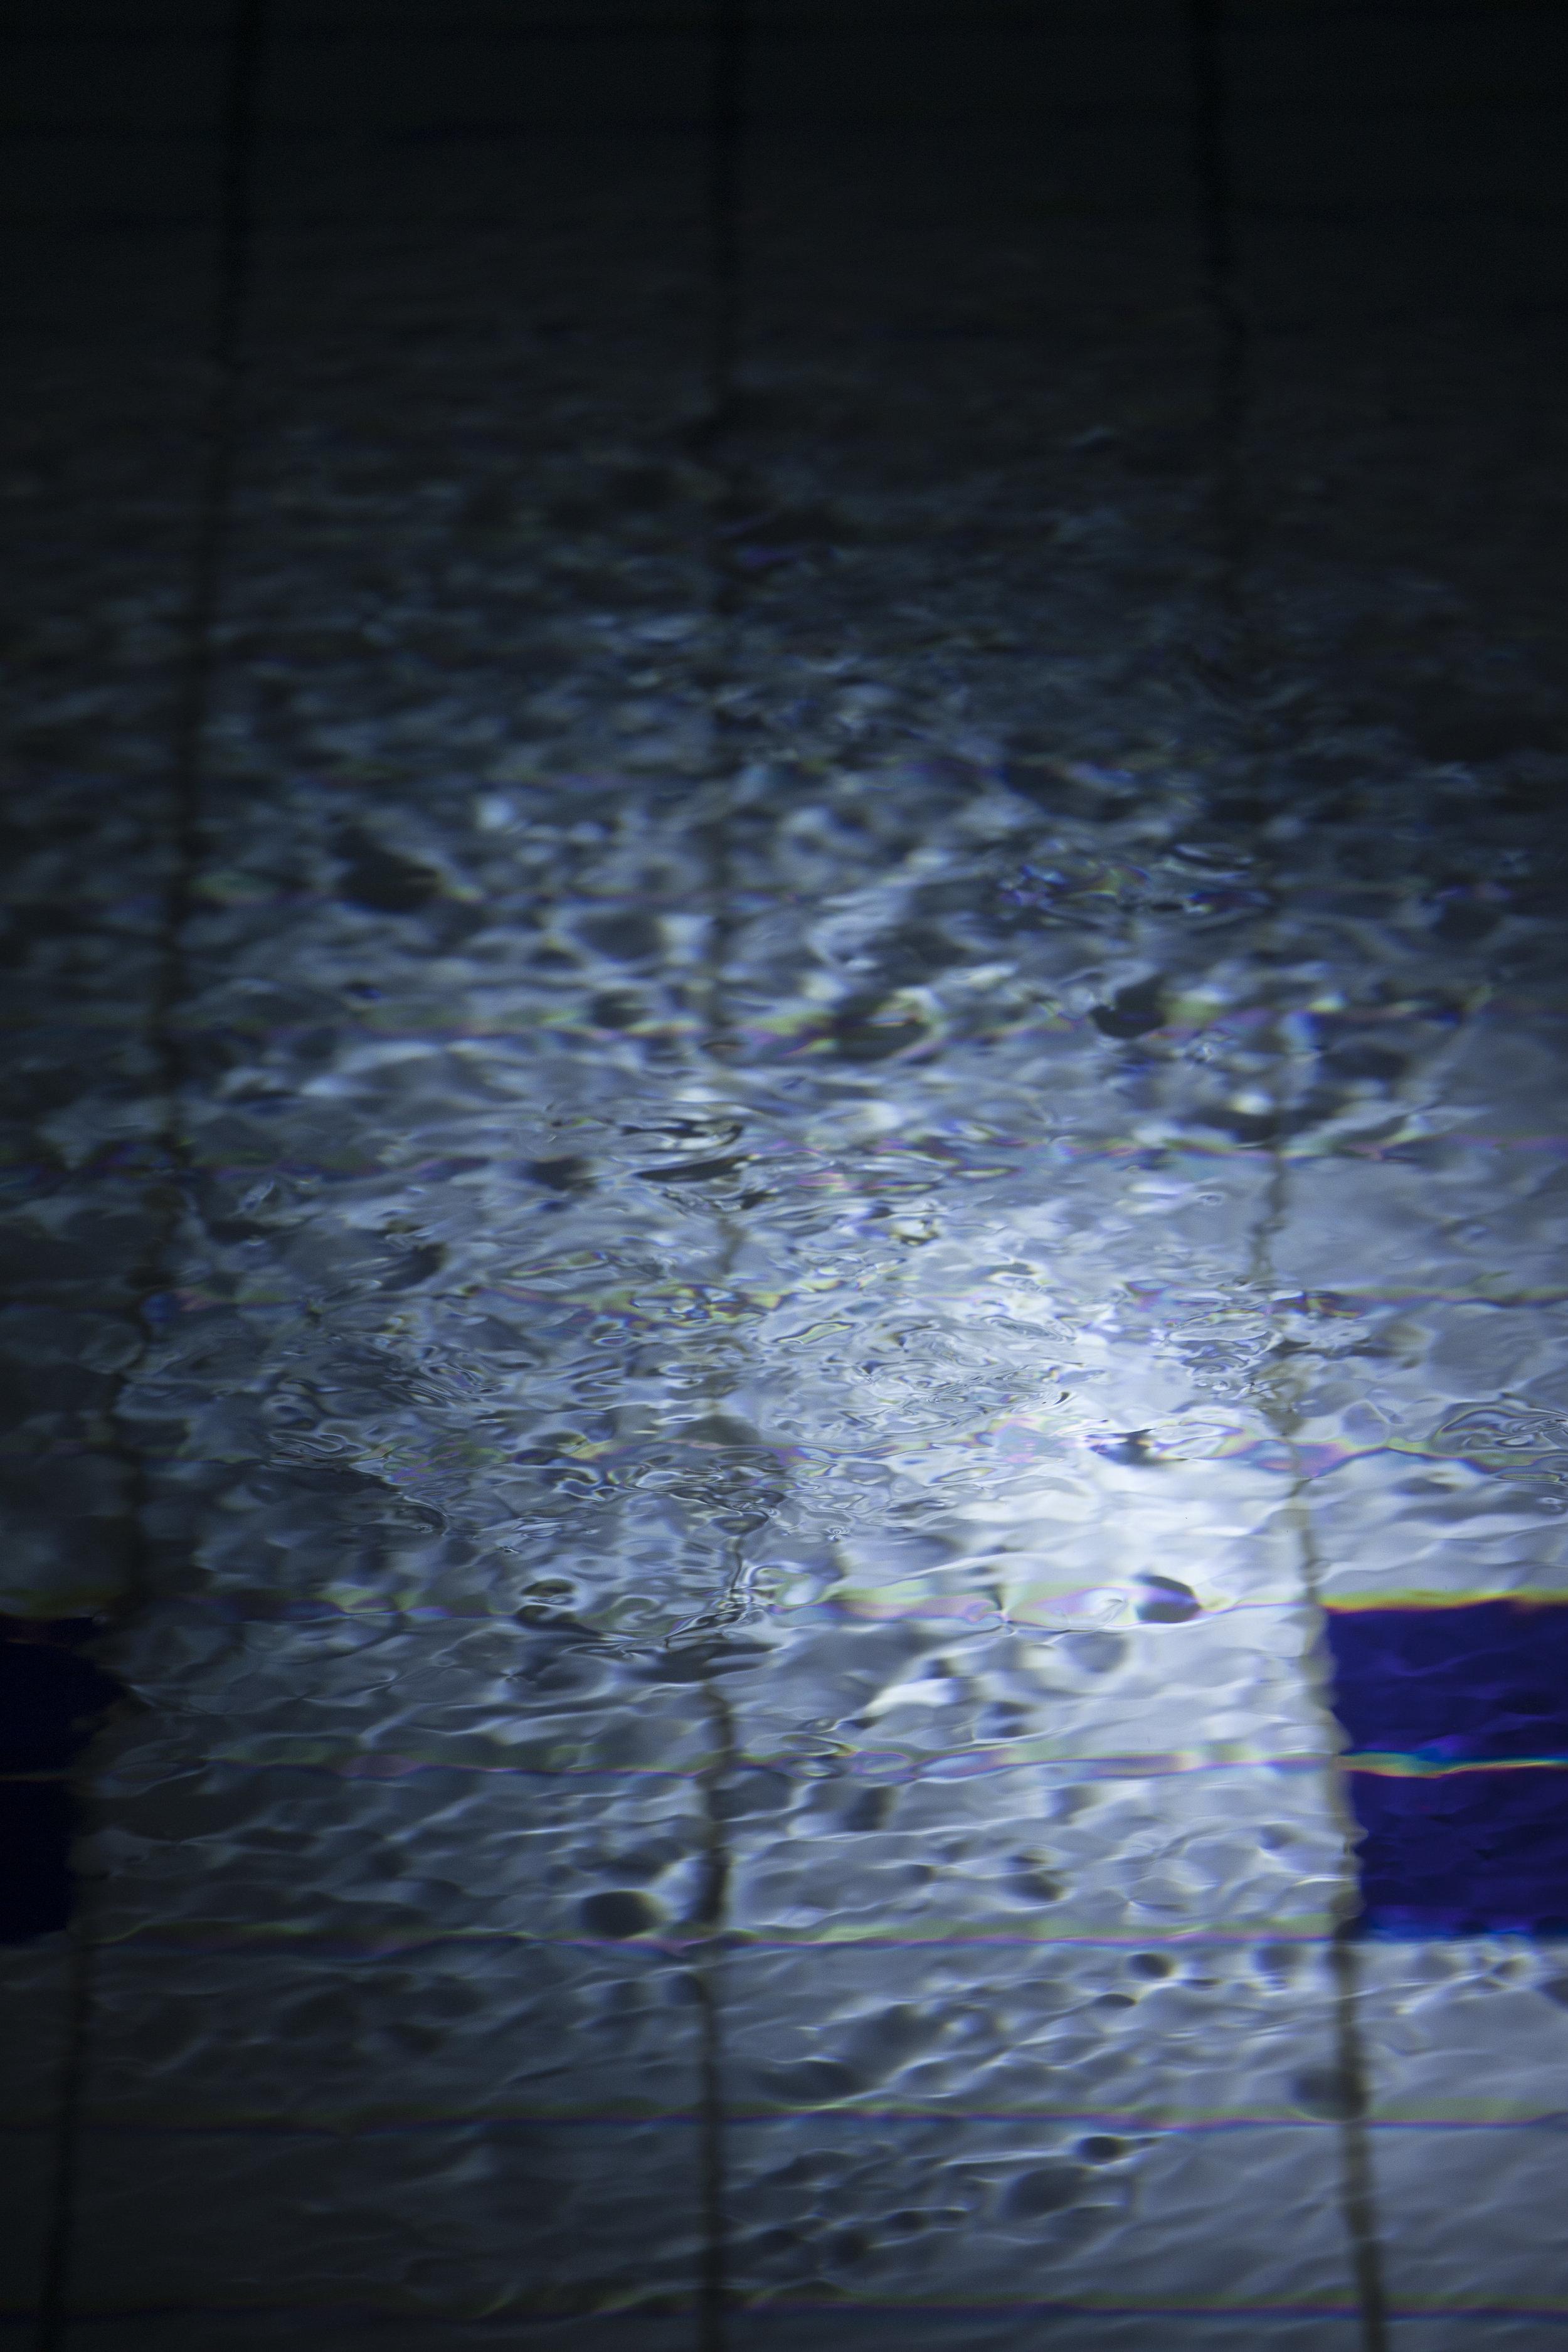 Wet Sounds_is3a6806.jpg